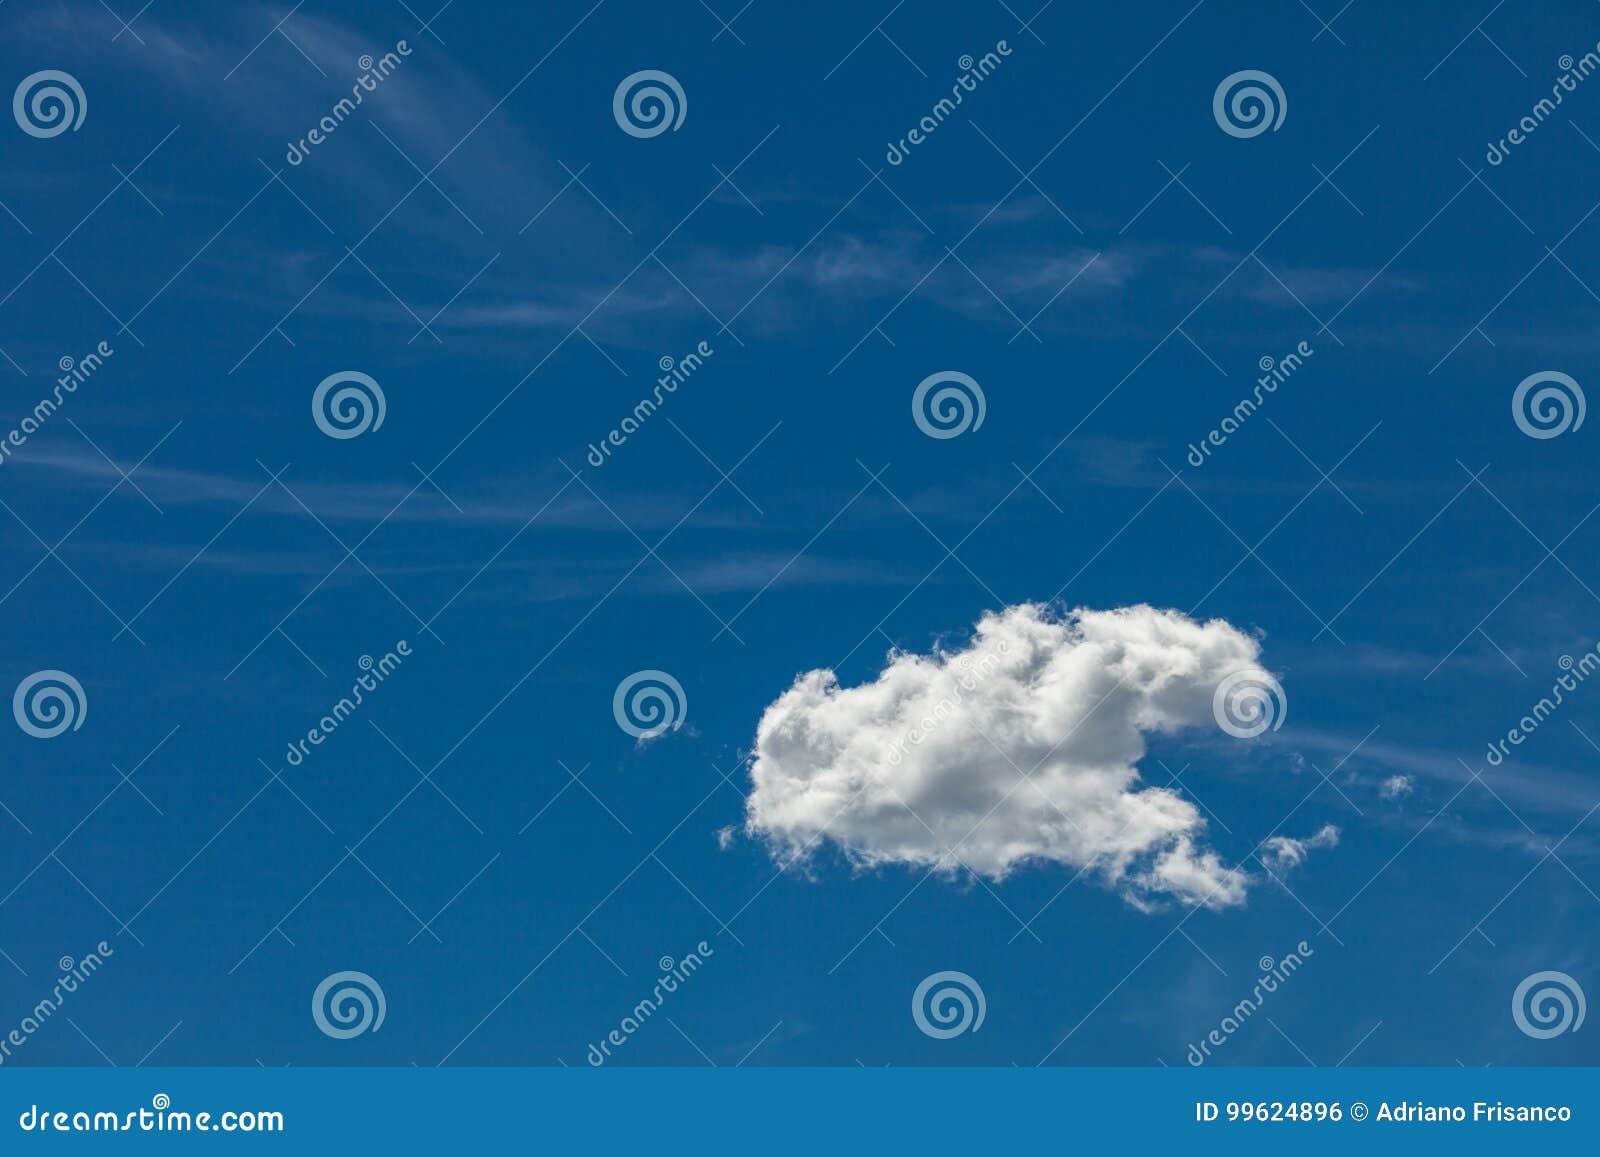 Σωρείτης στο μπλε ουρανό